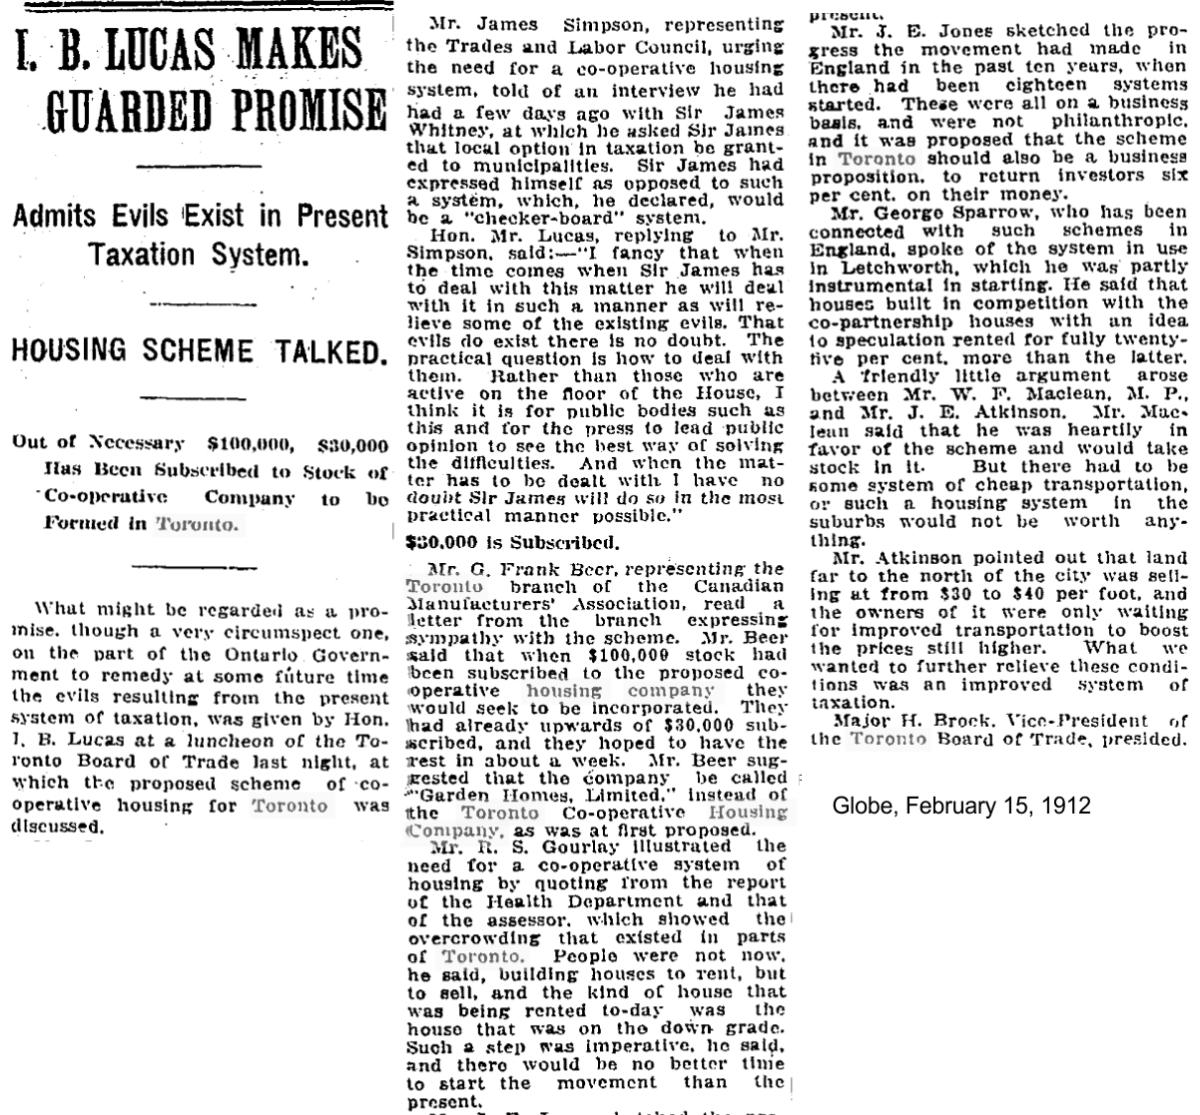 globe-february-15-1912-the-toronto-housing-company